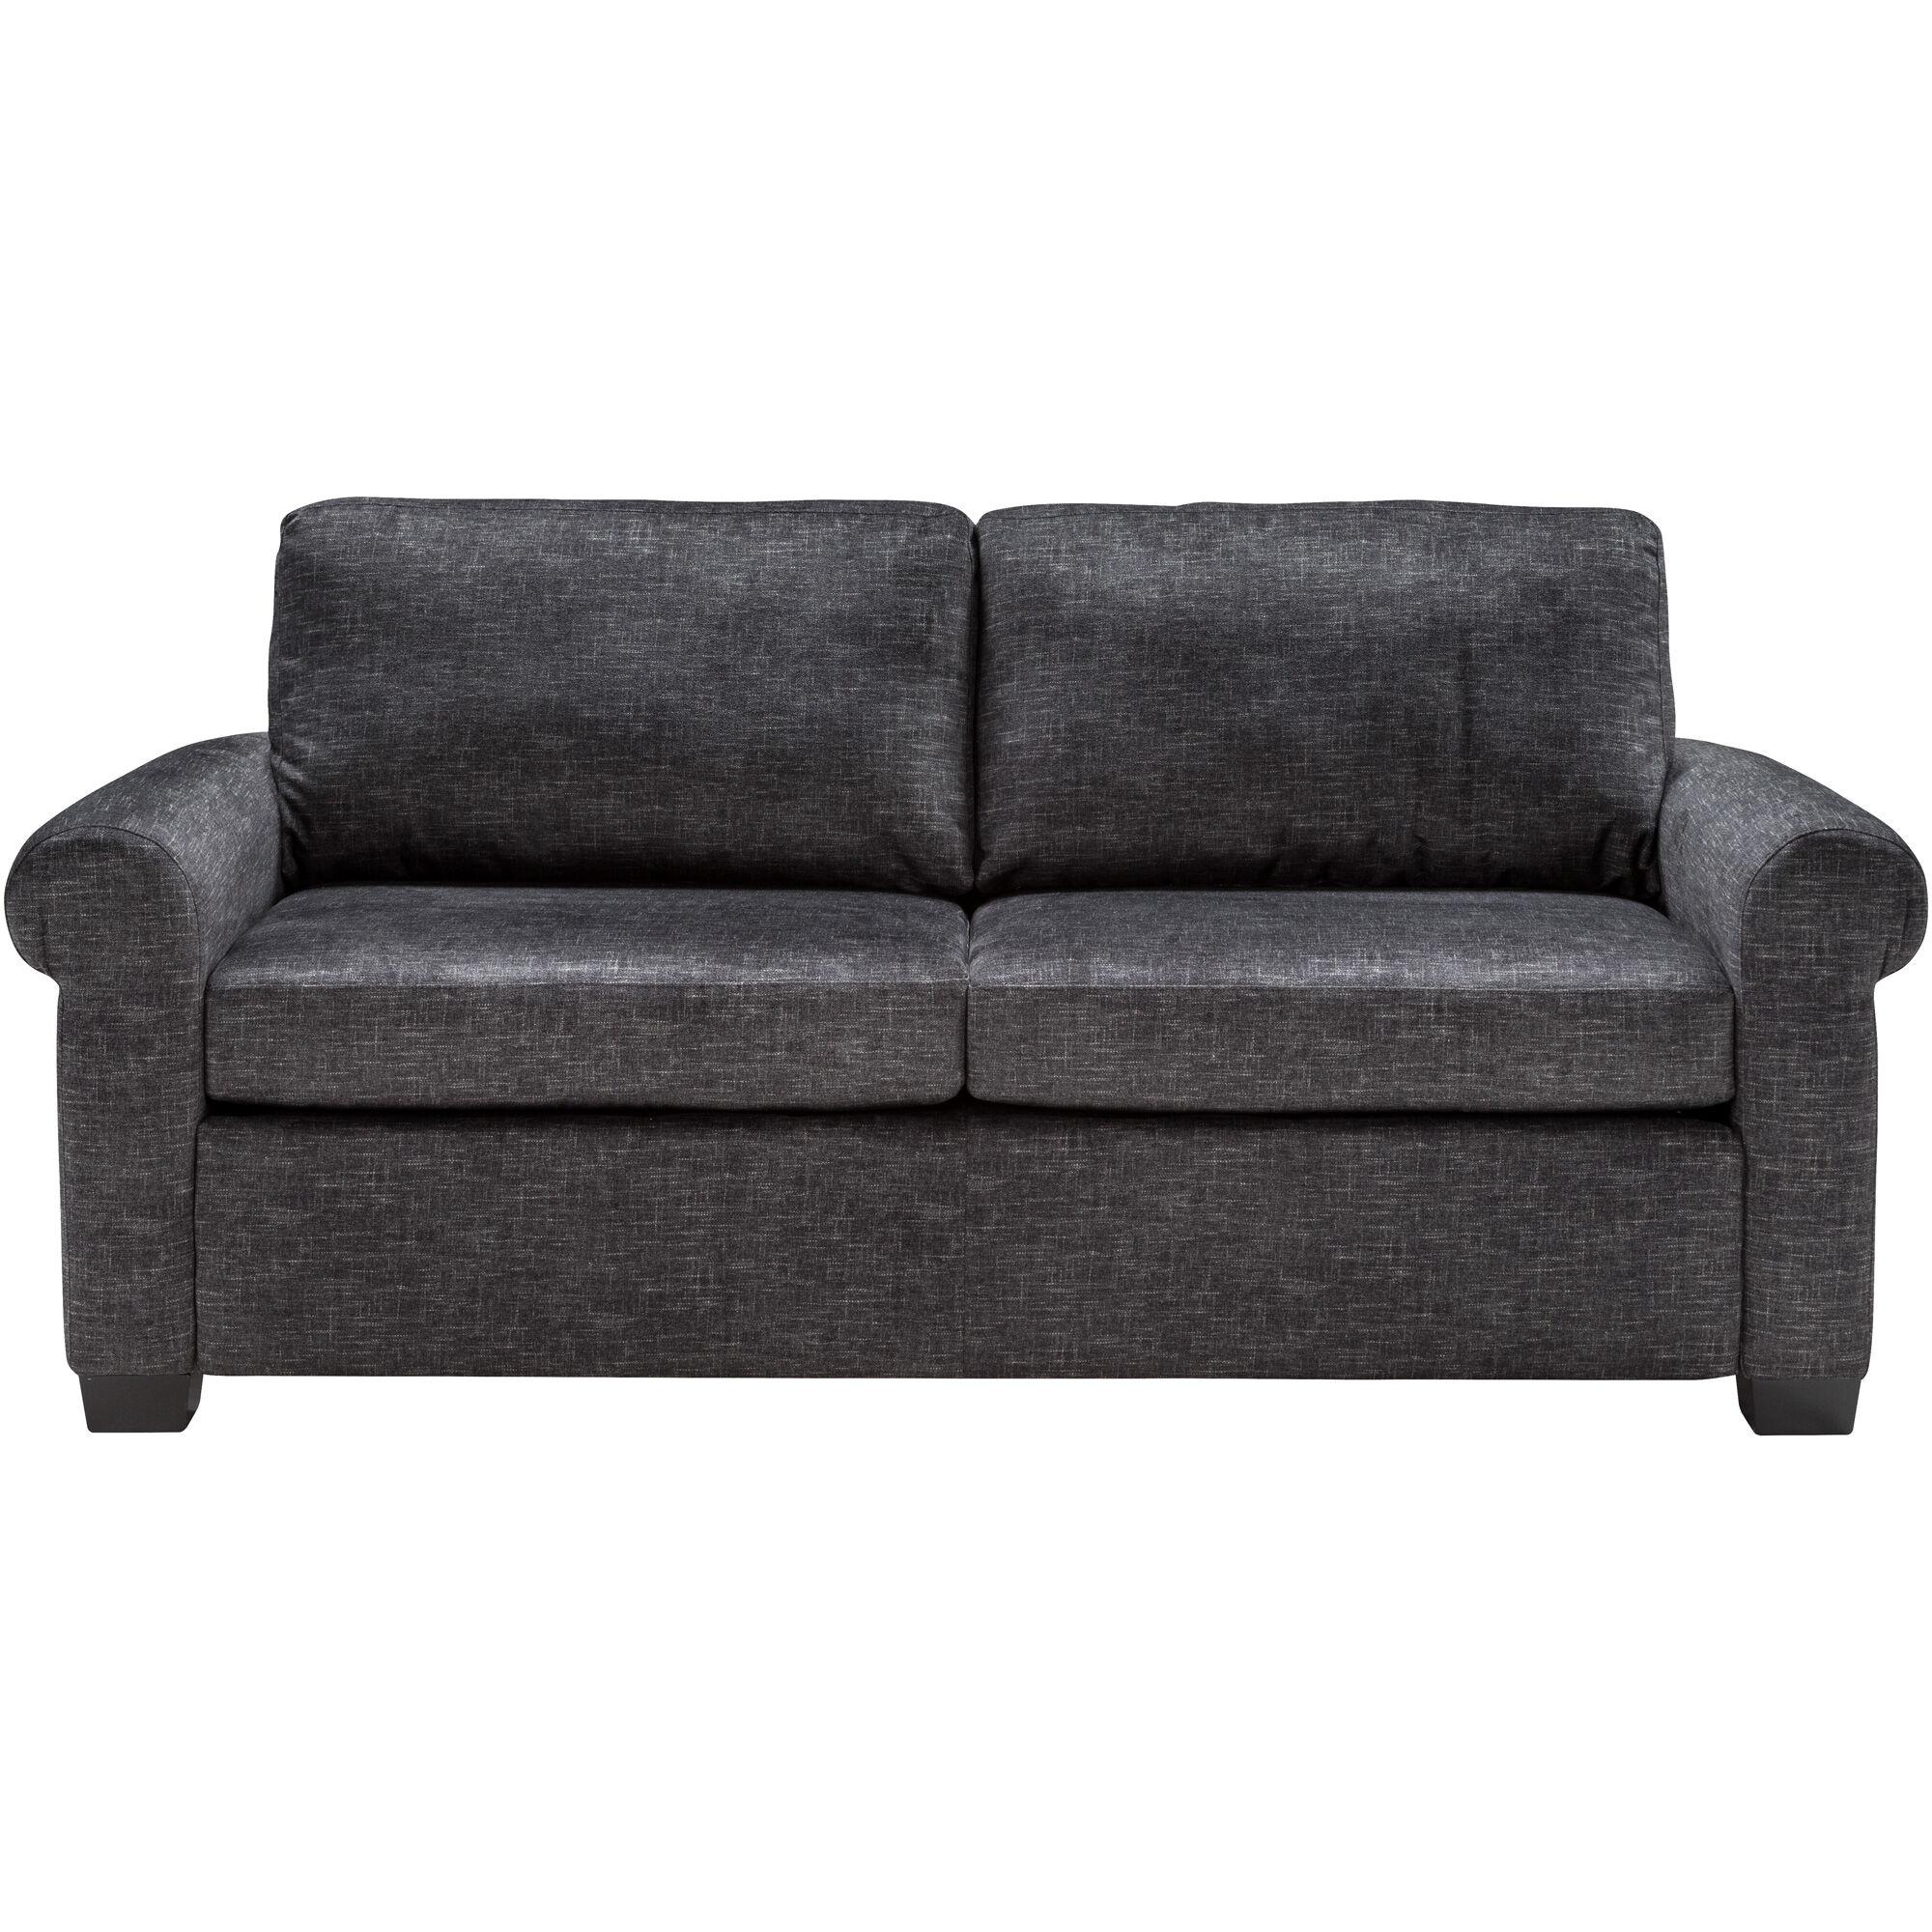 Slumberland Furniture Futons Sleepers